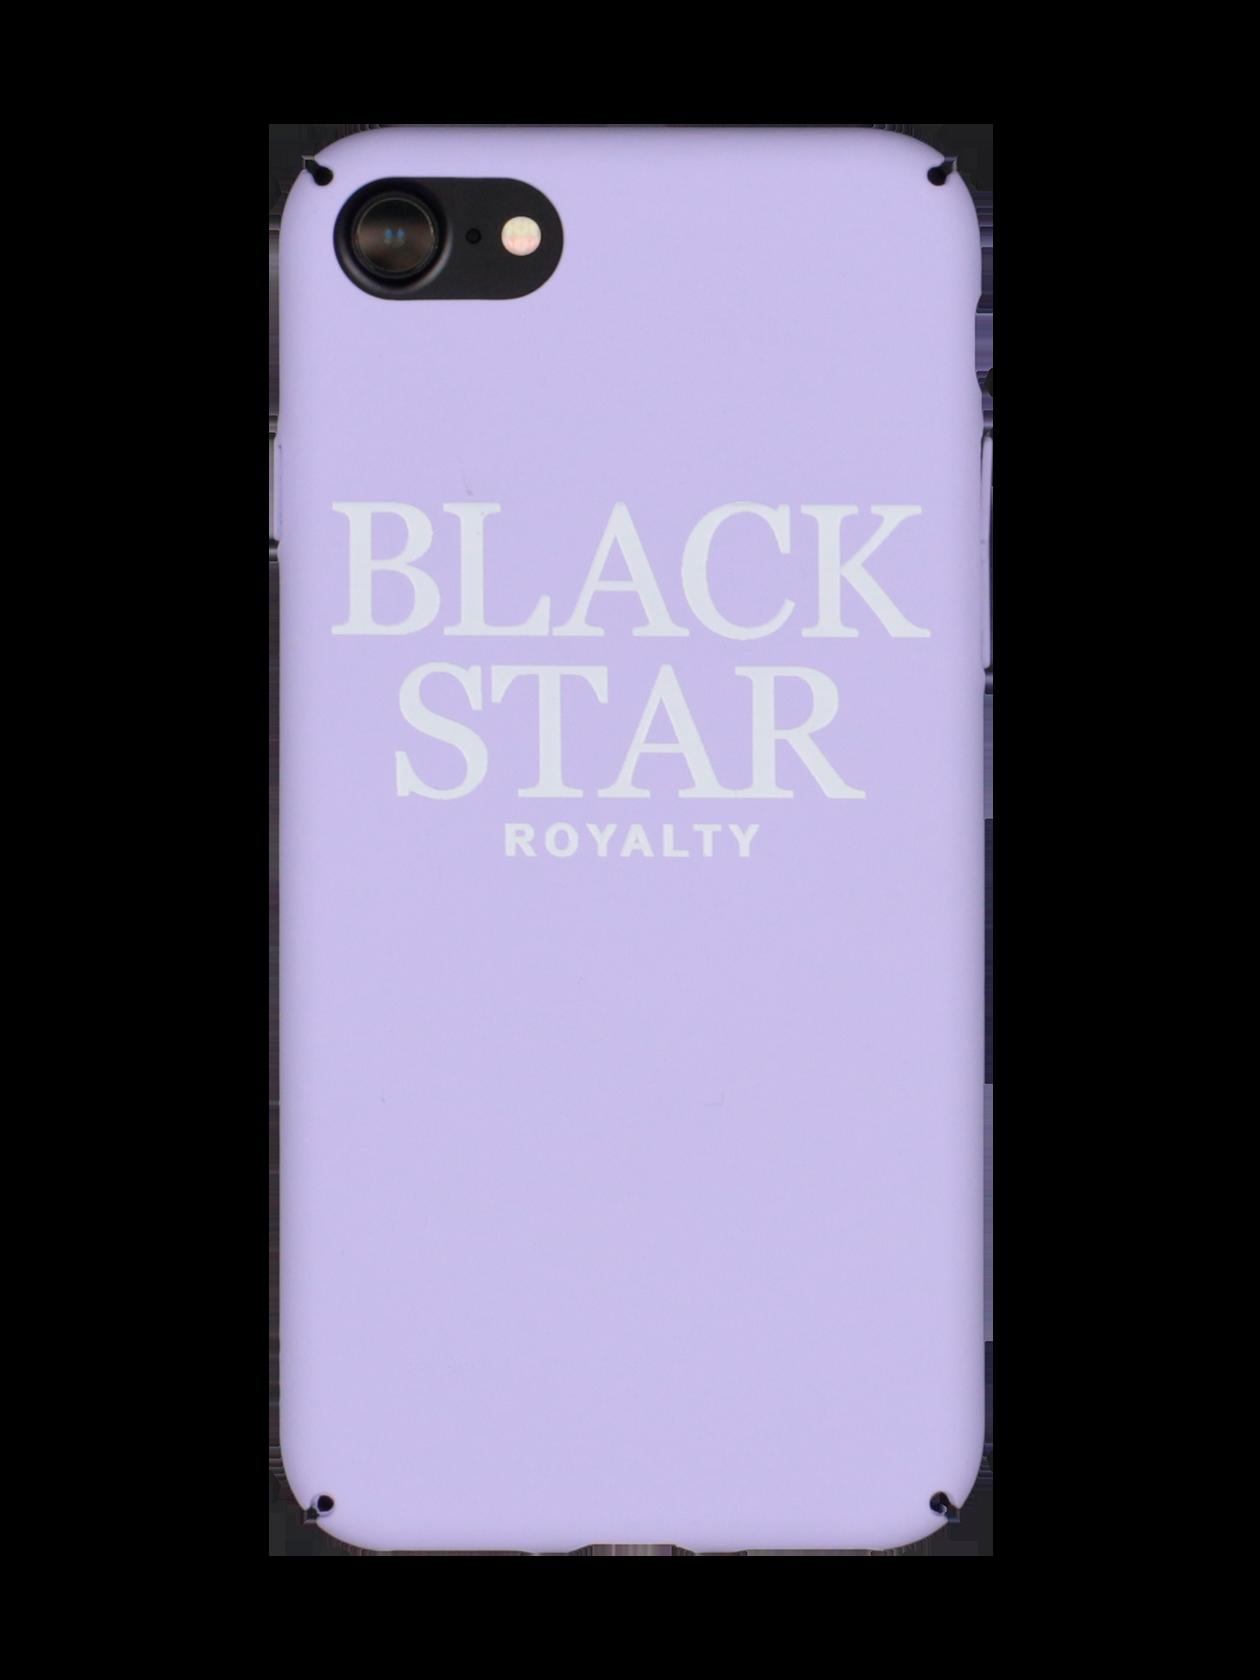 Чехол для телефона ROYALTY BLACK STARПрактичный чехол для телефона Royalty Black Star в виде задней стенки мобильного устройства. Модель создана из прочного пластика, предотвращающего образование трещин, сколов на корпусе гаджета и попадание пыли. Изделие привлекает внимание яркой ментоловой расцветкой. В комбинации с фирменной надписью Black Star Royalty чехол становится стильным аксессуаром для любимого девайса. Он идеально повторяет форму телефона, оставляя доступ к имеющимся разъемам и опциям.<br><br>Размер: 6+<br>Цвет: Сереневый<br>Пол: Унисекс